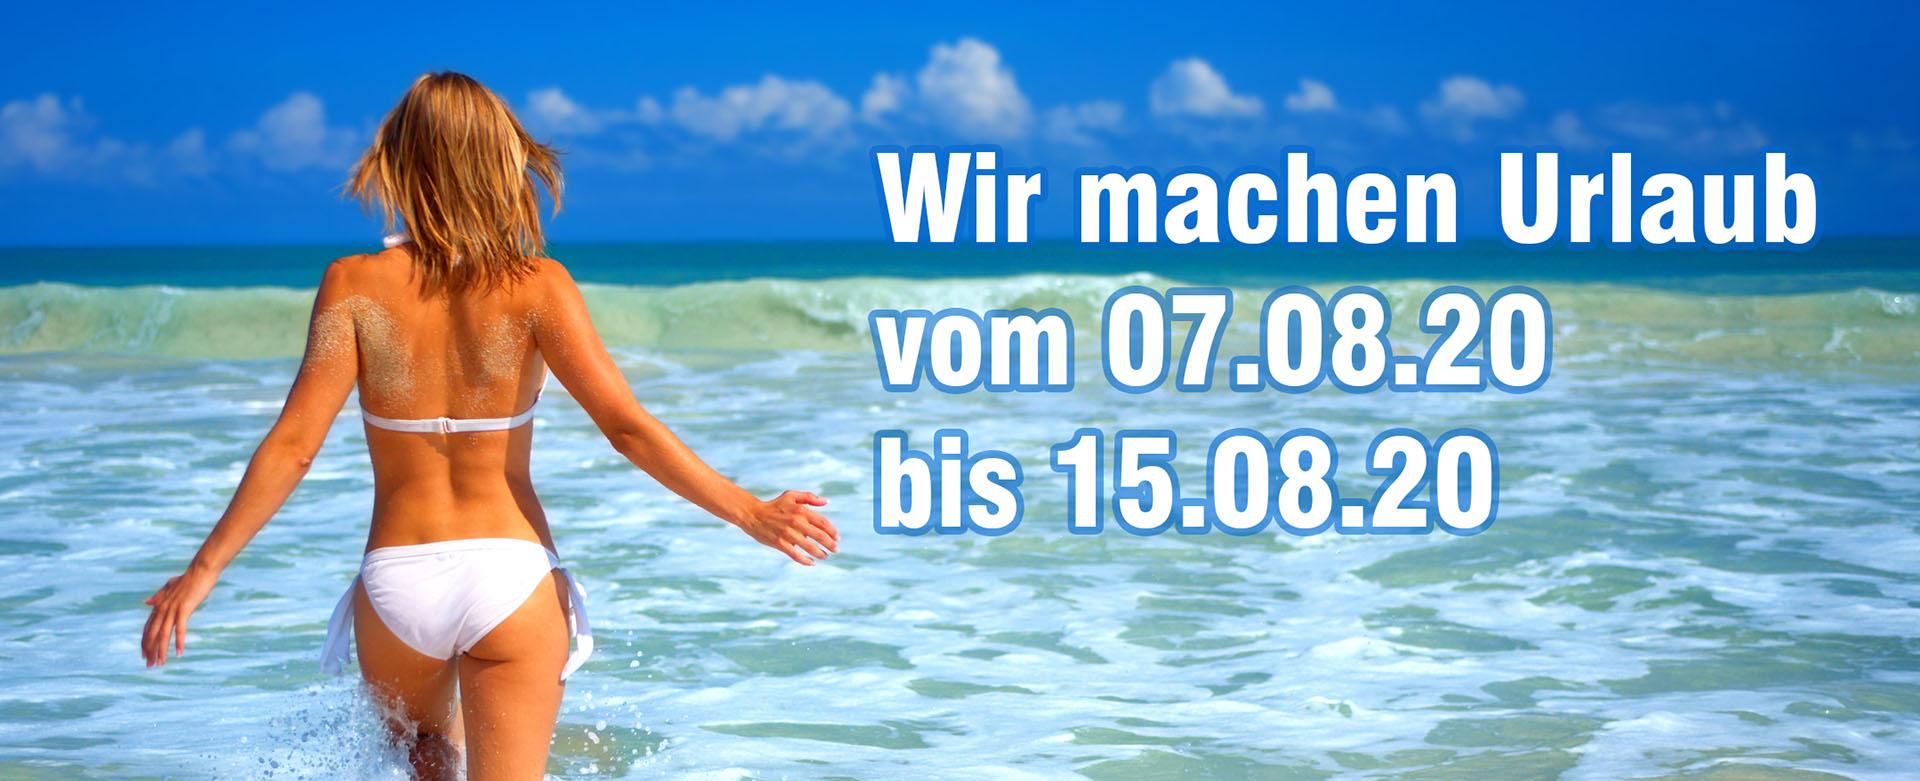 Wir machen Urlaub  vom 07.08.20  bis 15.08.20